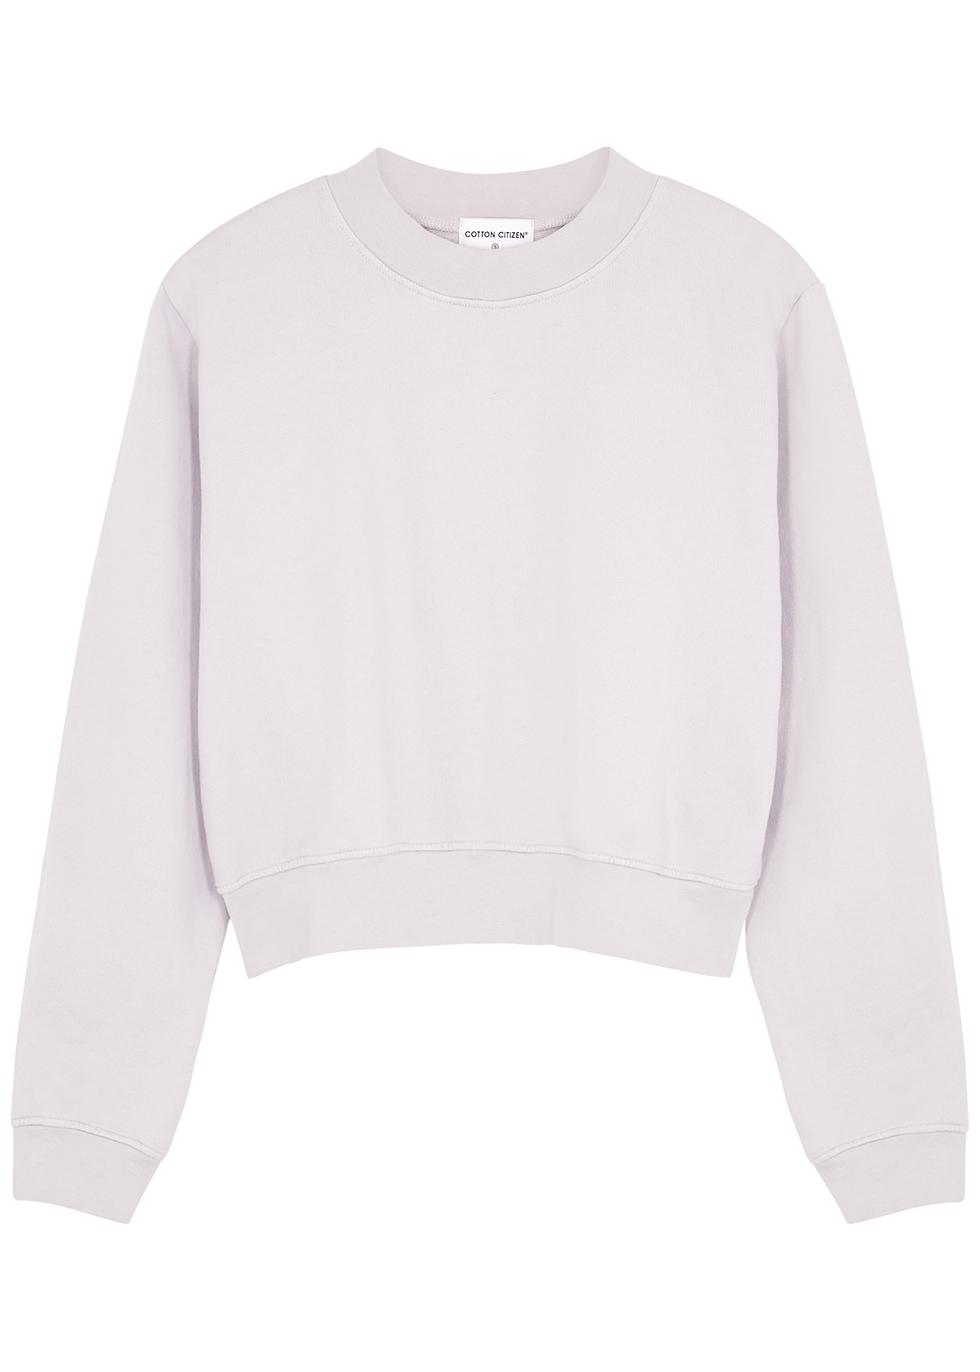 Milan light grey cotton sweatshirt